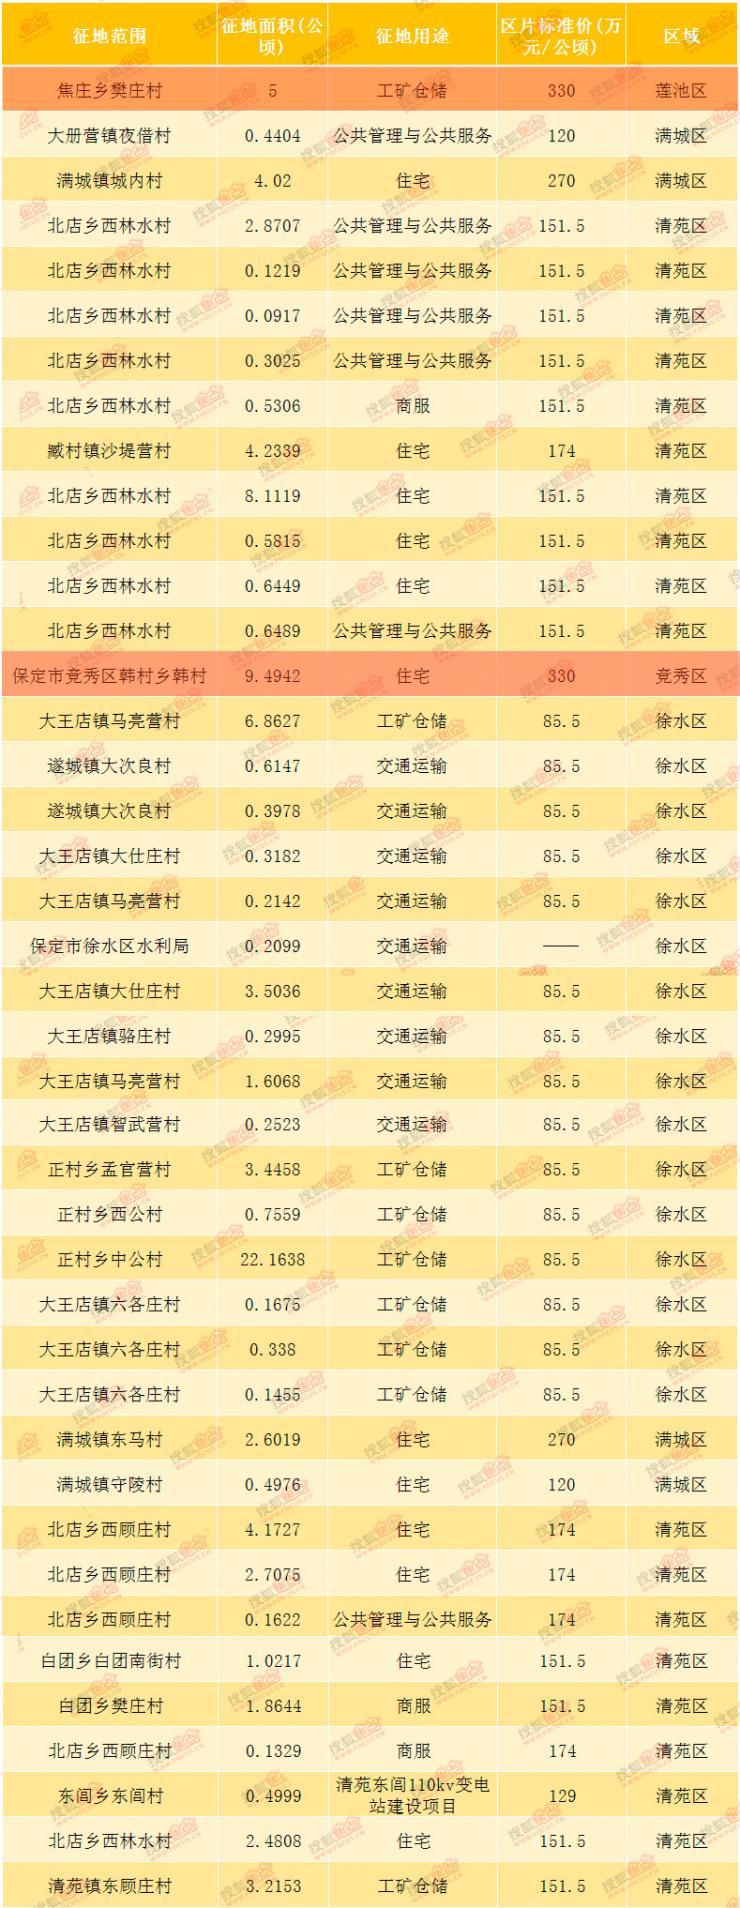 搜狐焦点网:2018年4月保定房地产市场运行报告